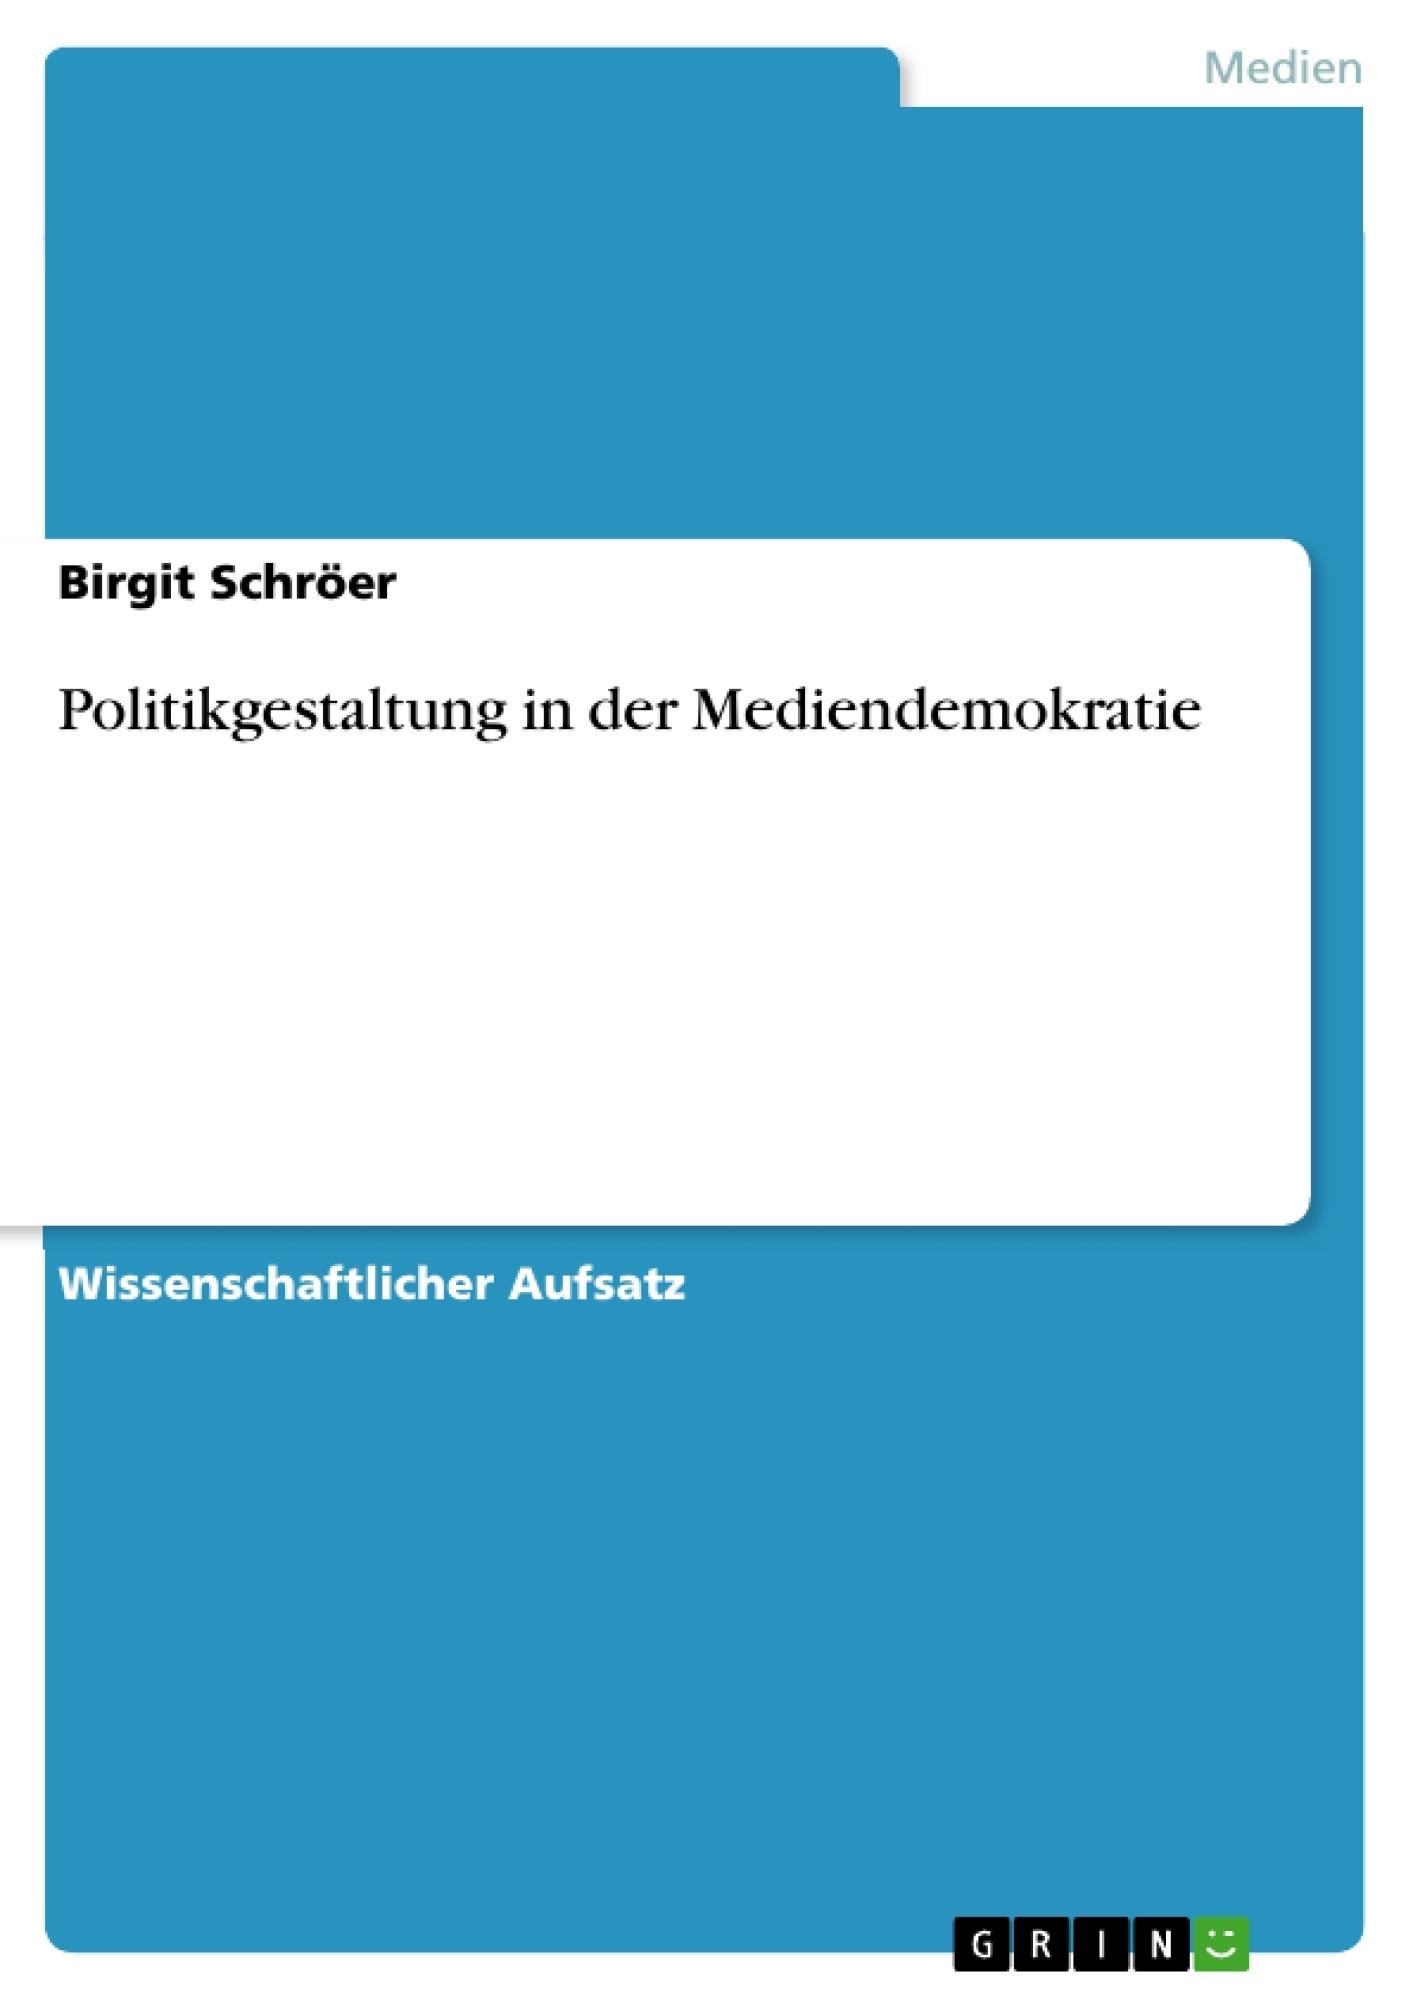 Titel: Politikgestaltung in der Mediendemokratie